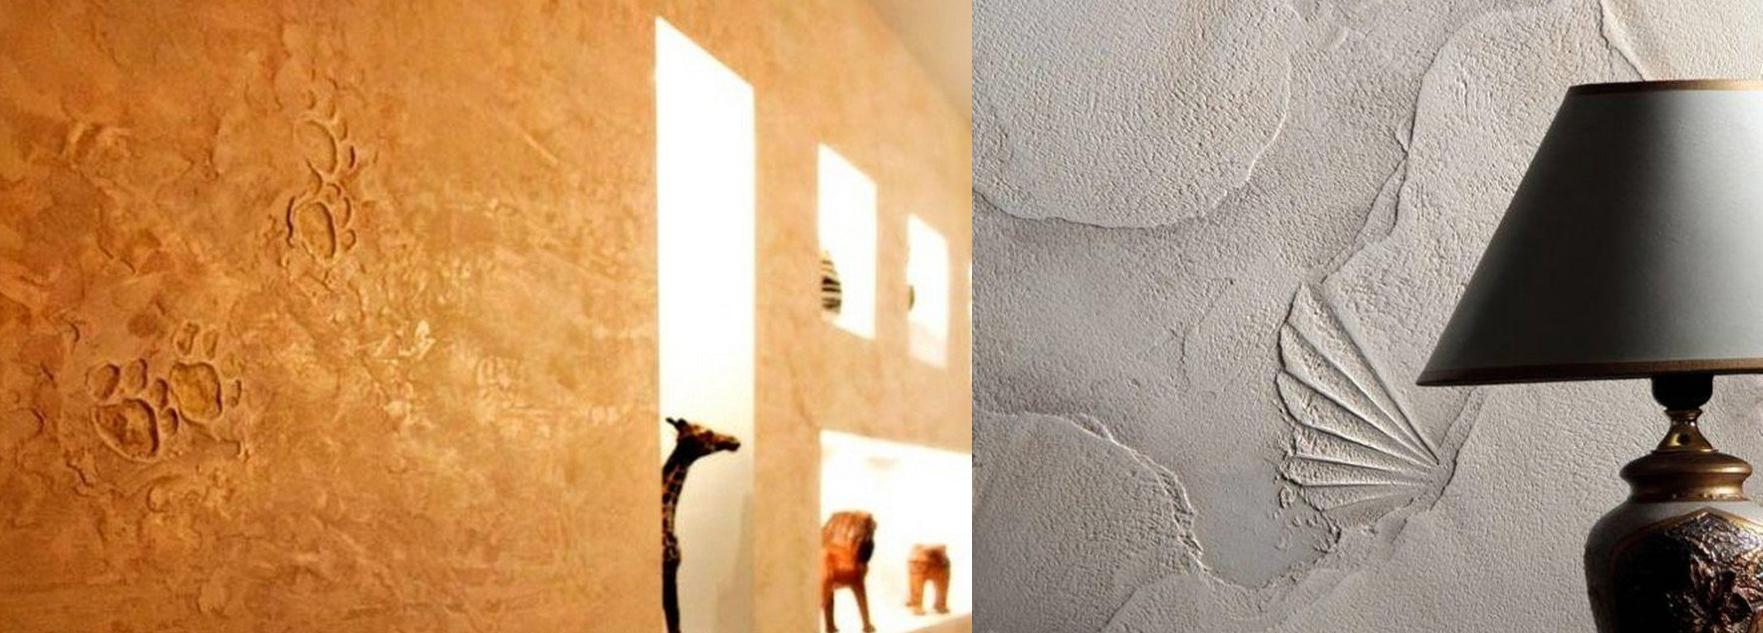 Эффект мятой кожи на стене своими руками 49